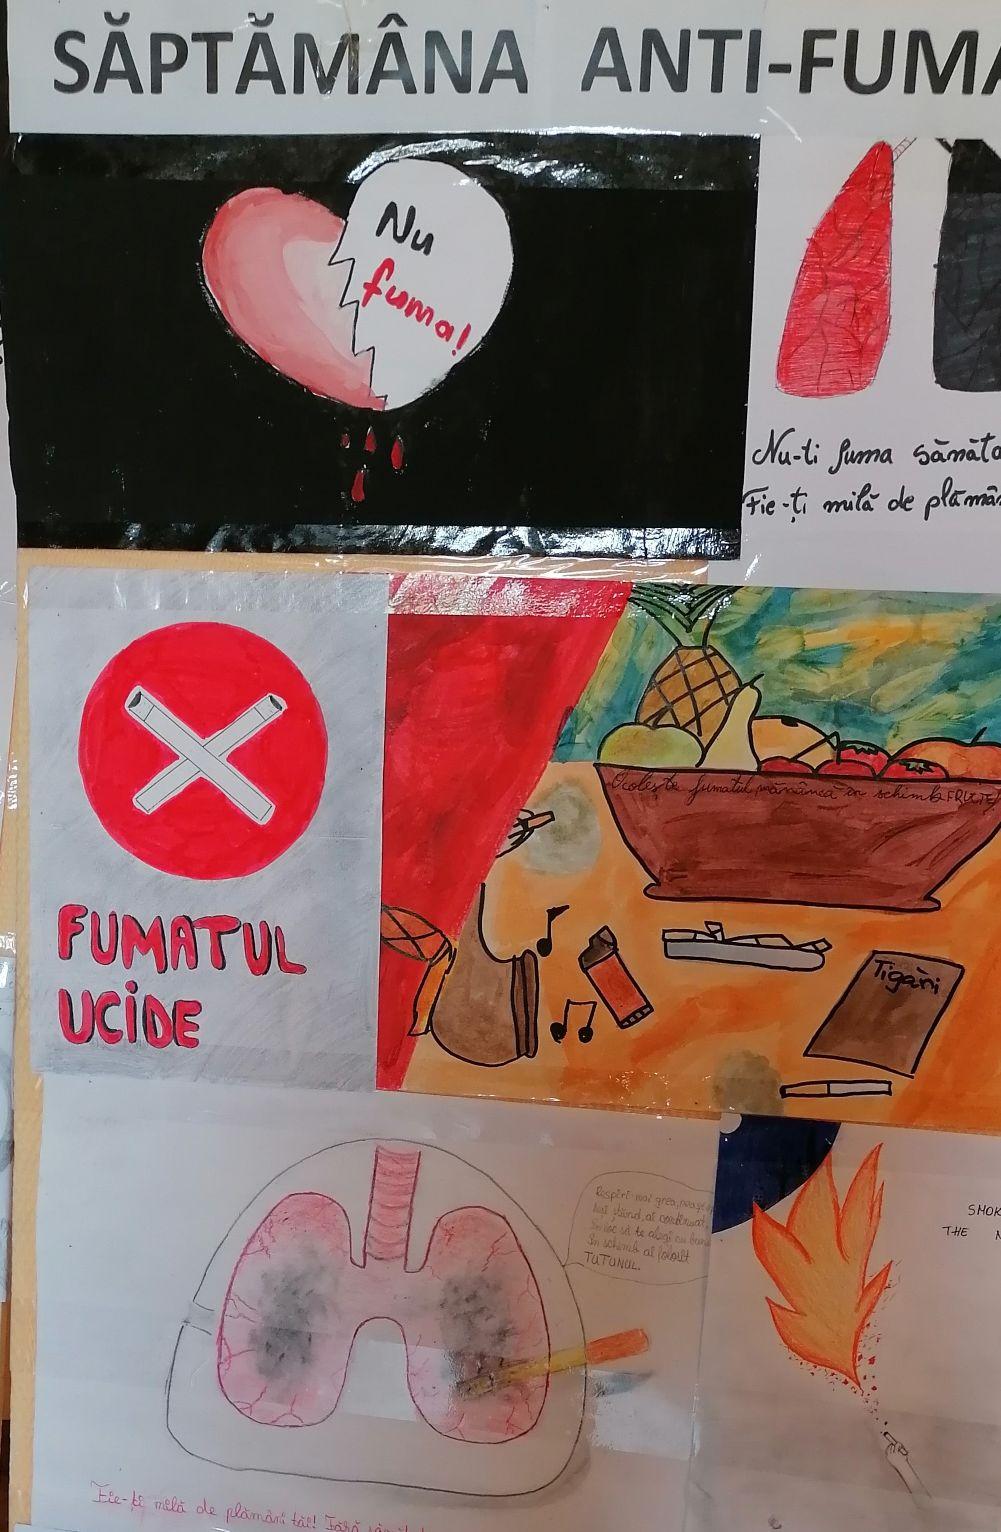 Autoritățile și personalitățile sibiene vor transmite mesaje antifumat,  timp de o săptămână